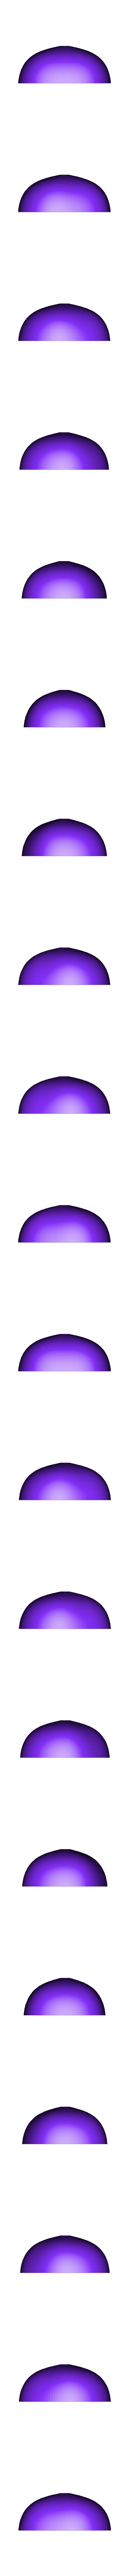 thimble5_part_2.stl Télécharger fichier STL gratuit Kara Kesh (arme de poing goa'uld) • Plan pour imprimante 3D, poblocki1982